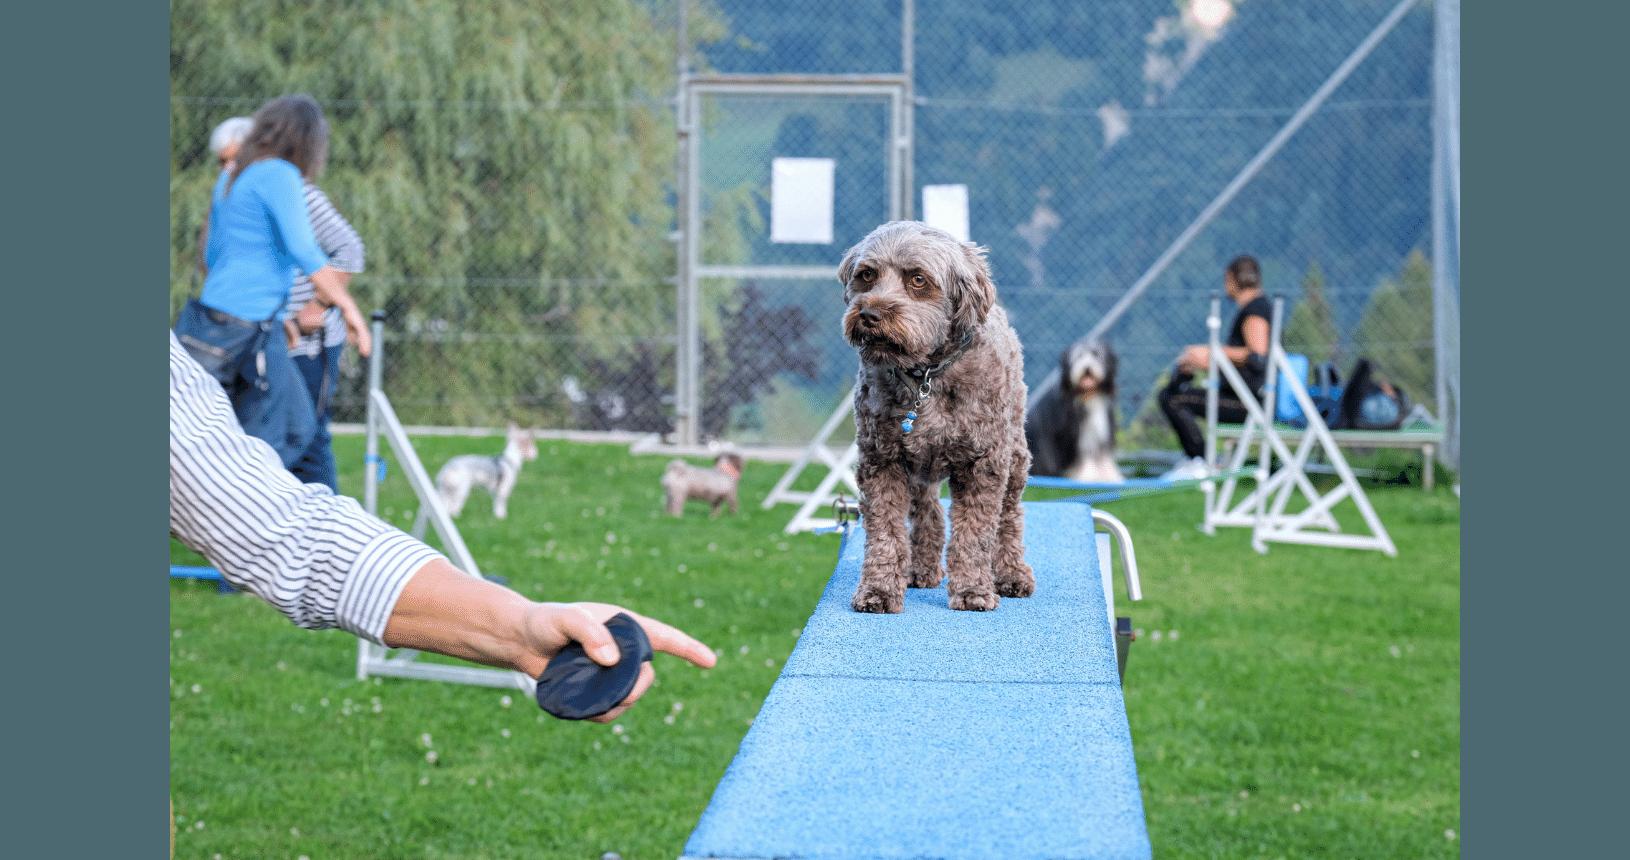 Hundereise Disentis Übungen mit Hund 2